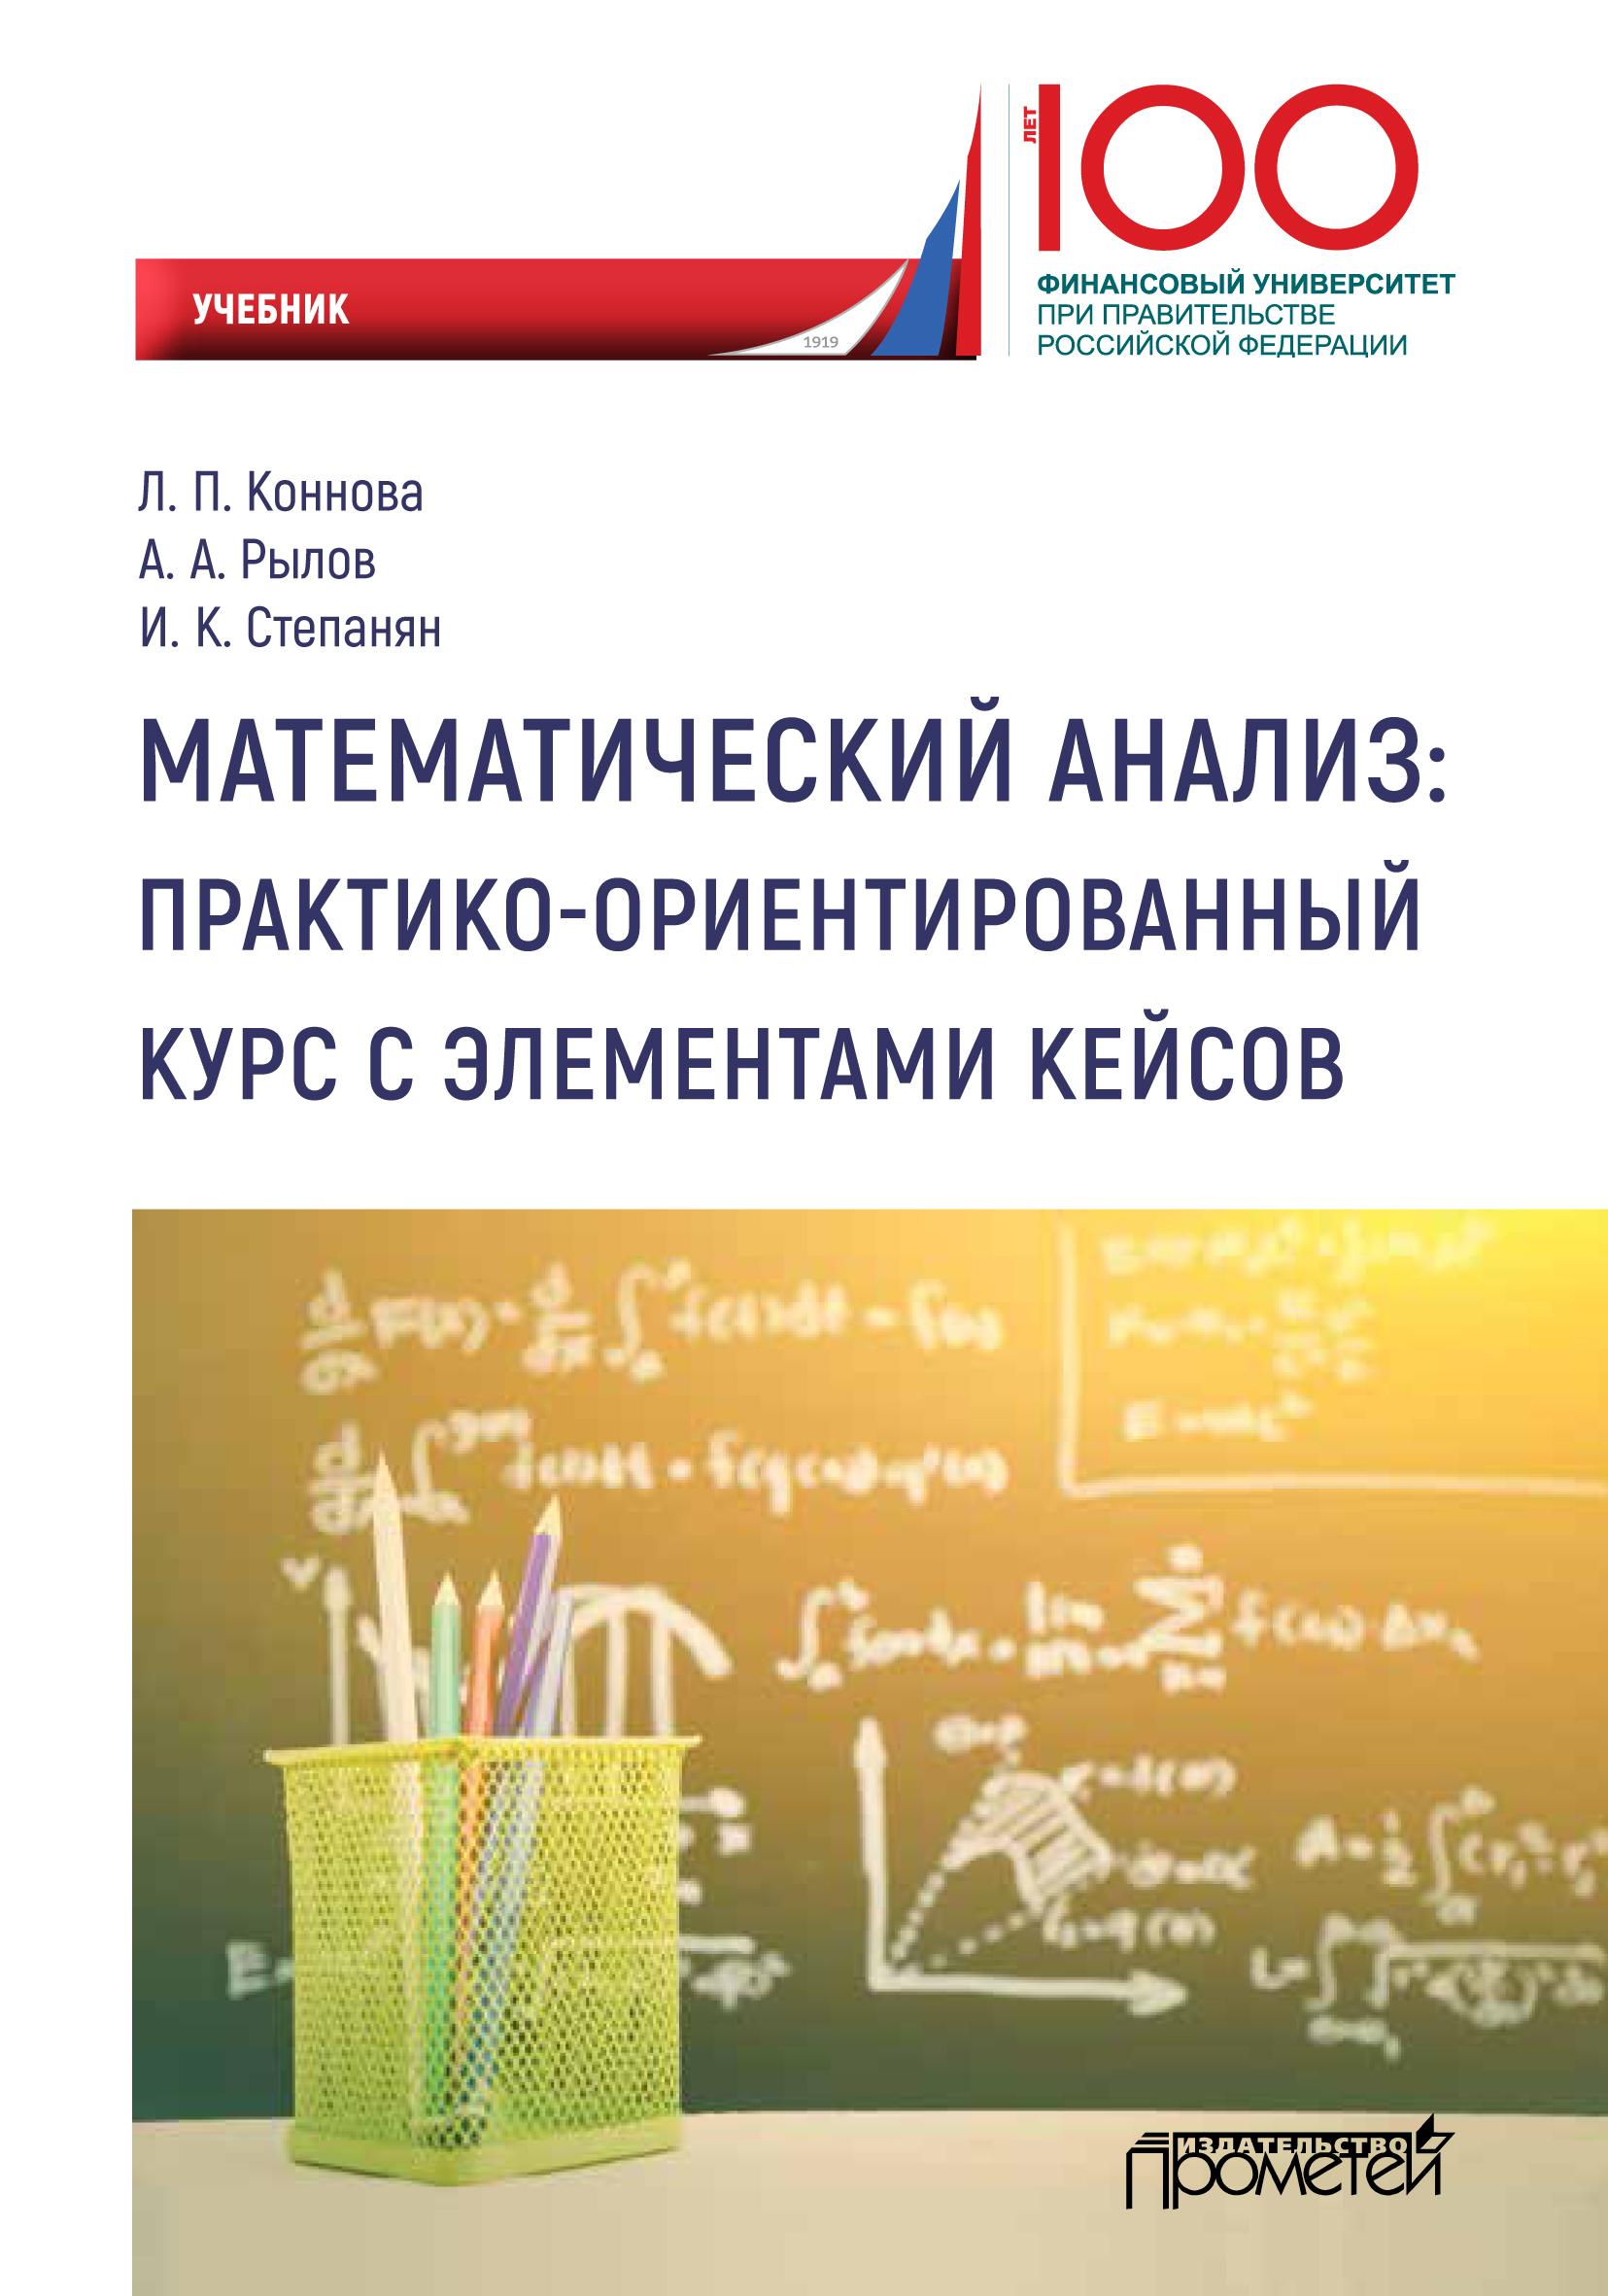 А. А. Рылов Математический анализ: практико-ориентированный курс с элементами кейсов а а рылов математический анализ практико ориентированный курс с элементами кейсов